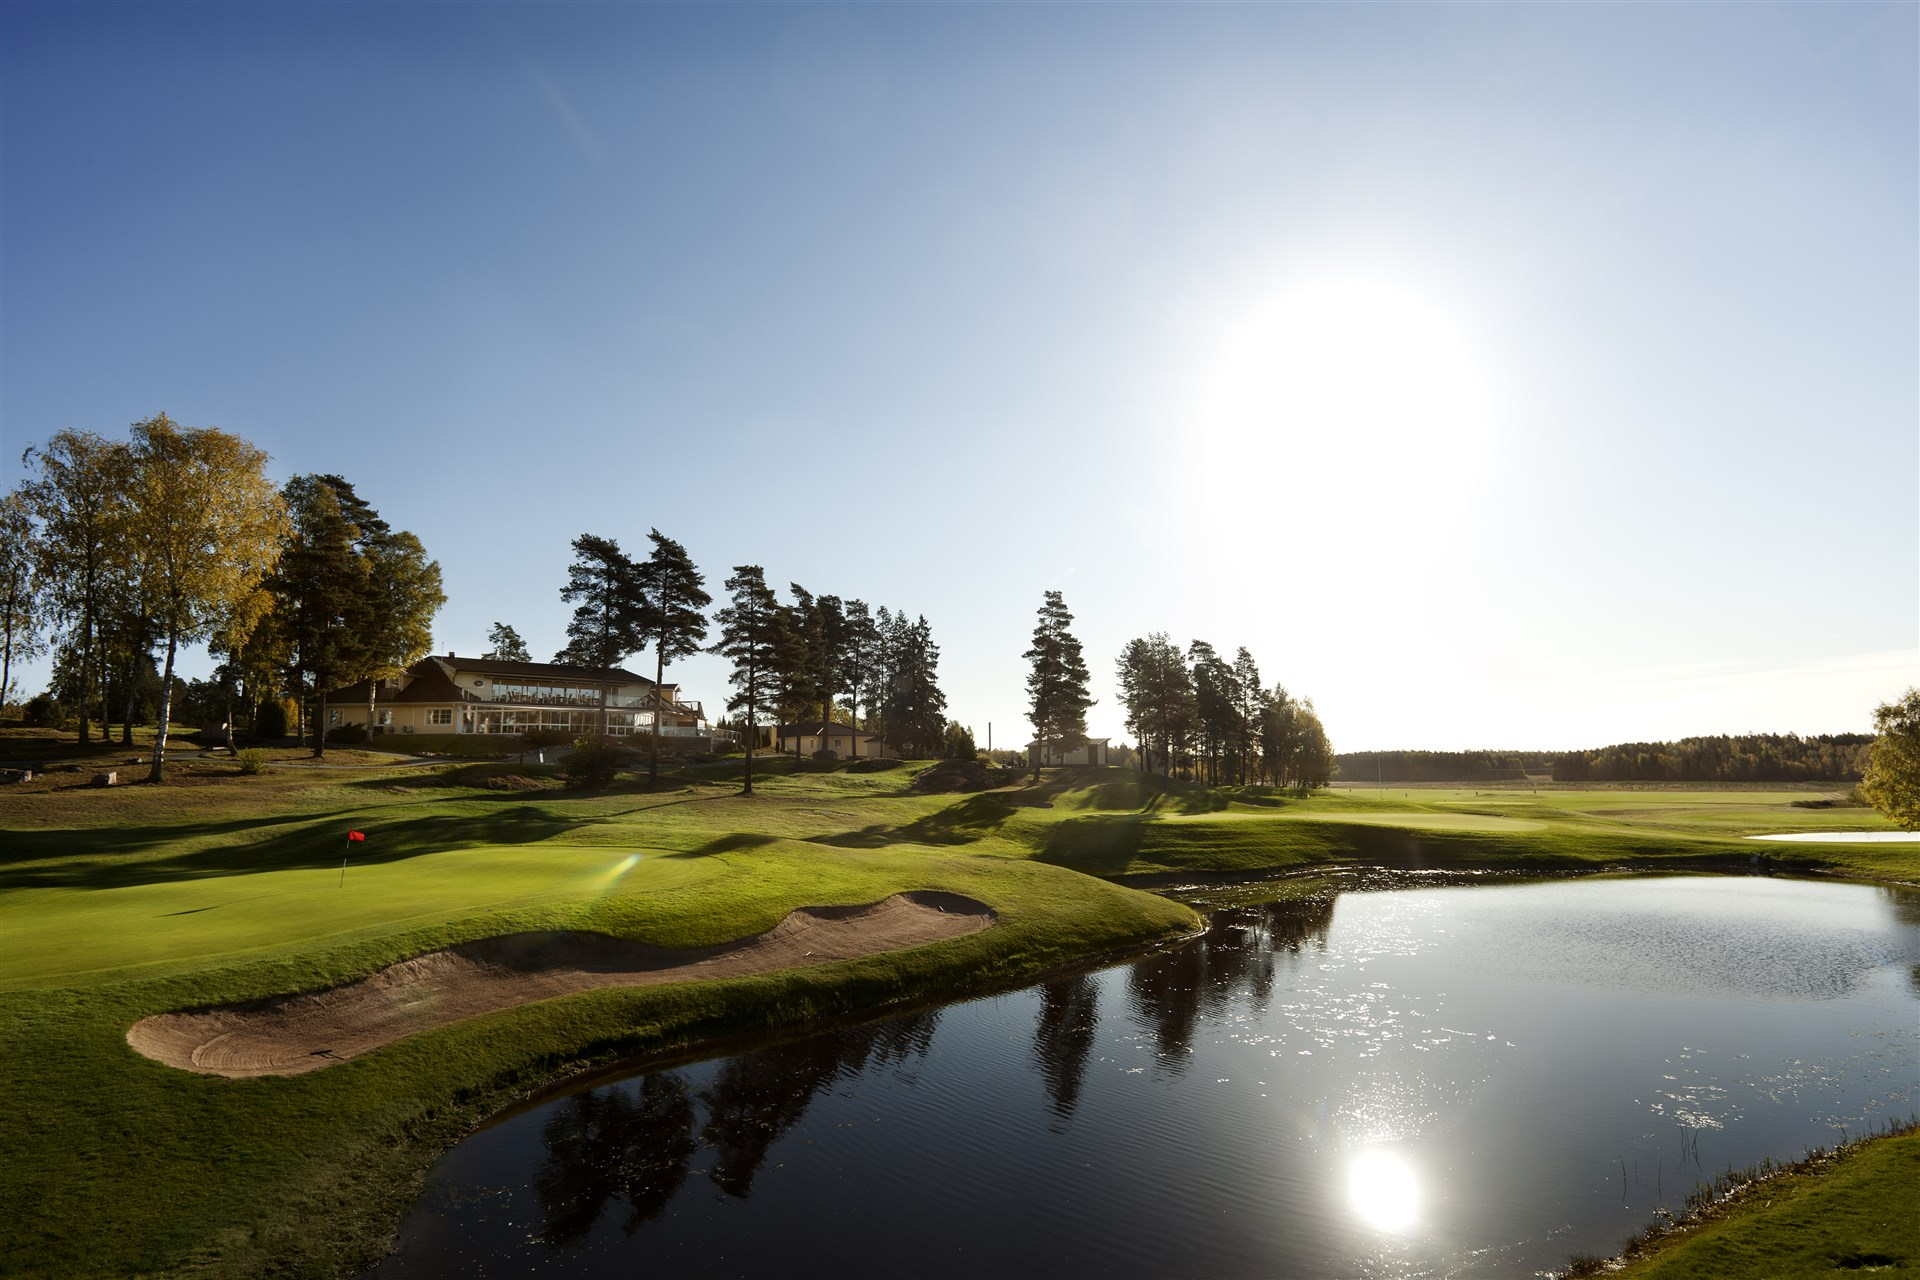 Kungsängen Golfklubb